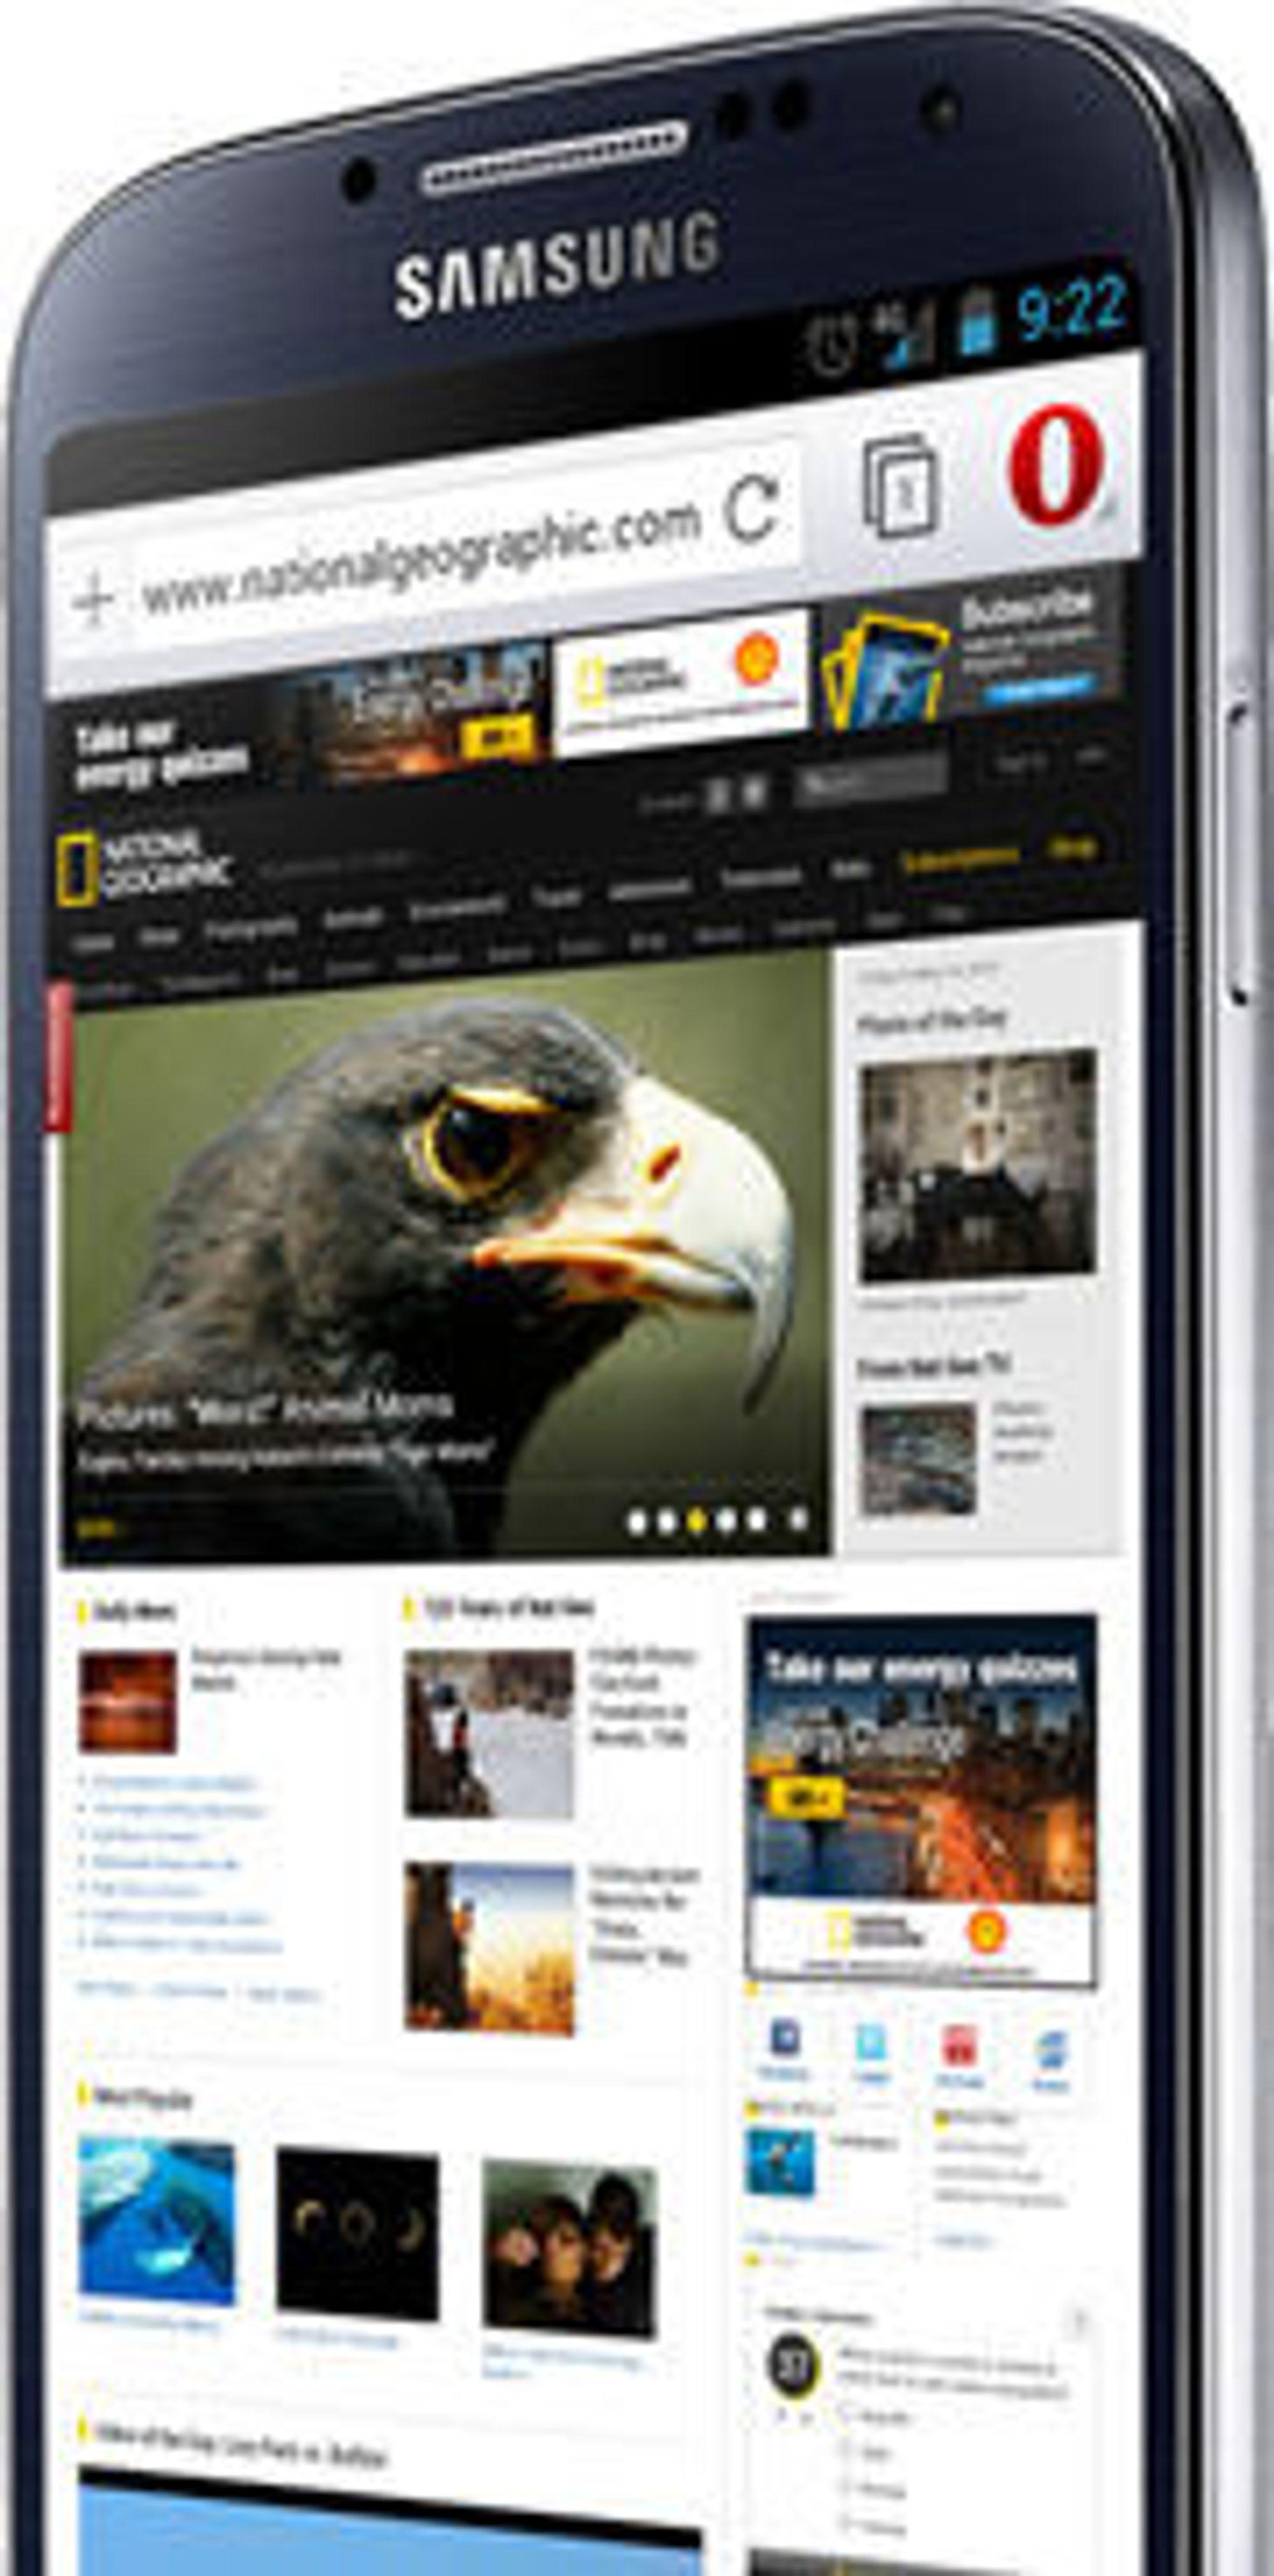 Opera for Android støtter blant annet faner, «off-road»-modus for surfing på tregere mobilnett og den nye «discover»-funksjonen - der du kan meske deg i en strøm av nyheter basert på hvilke kategorier du er interessert i.